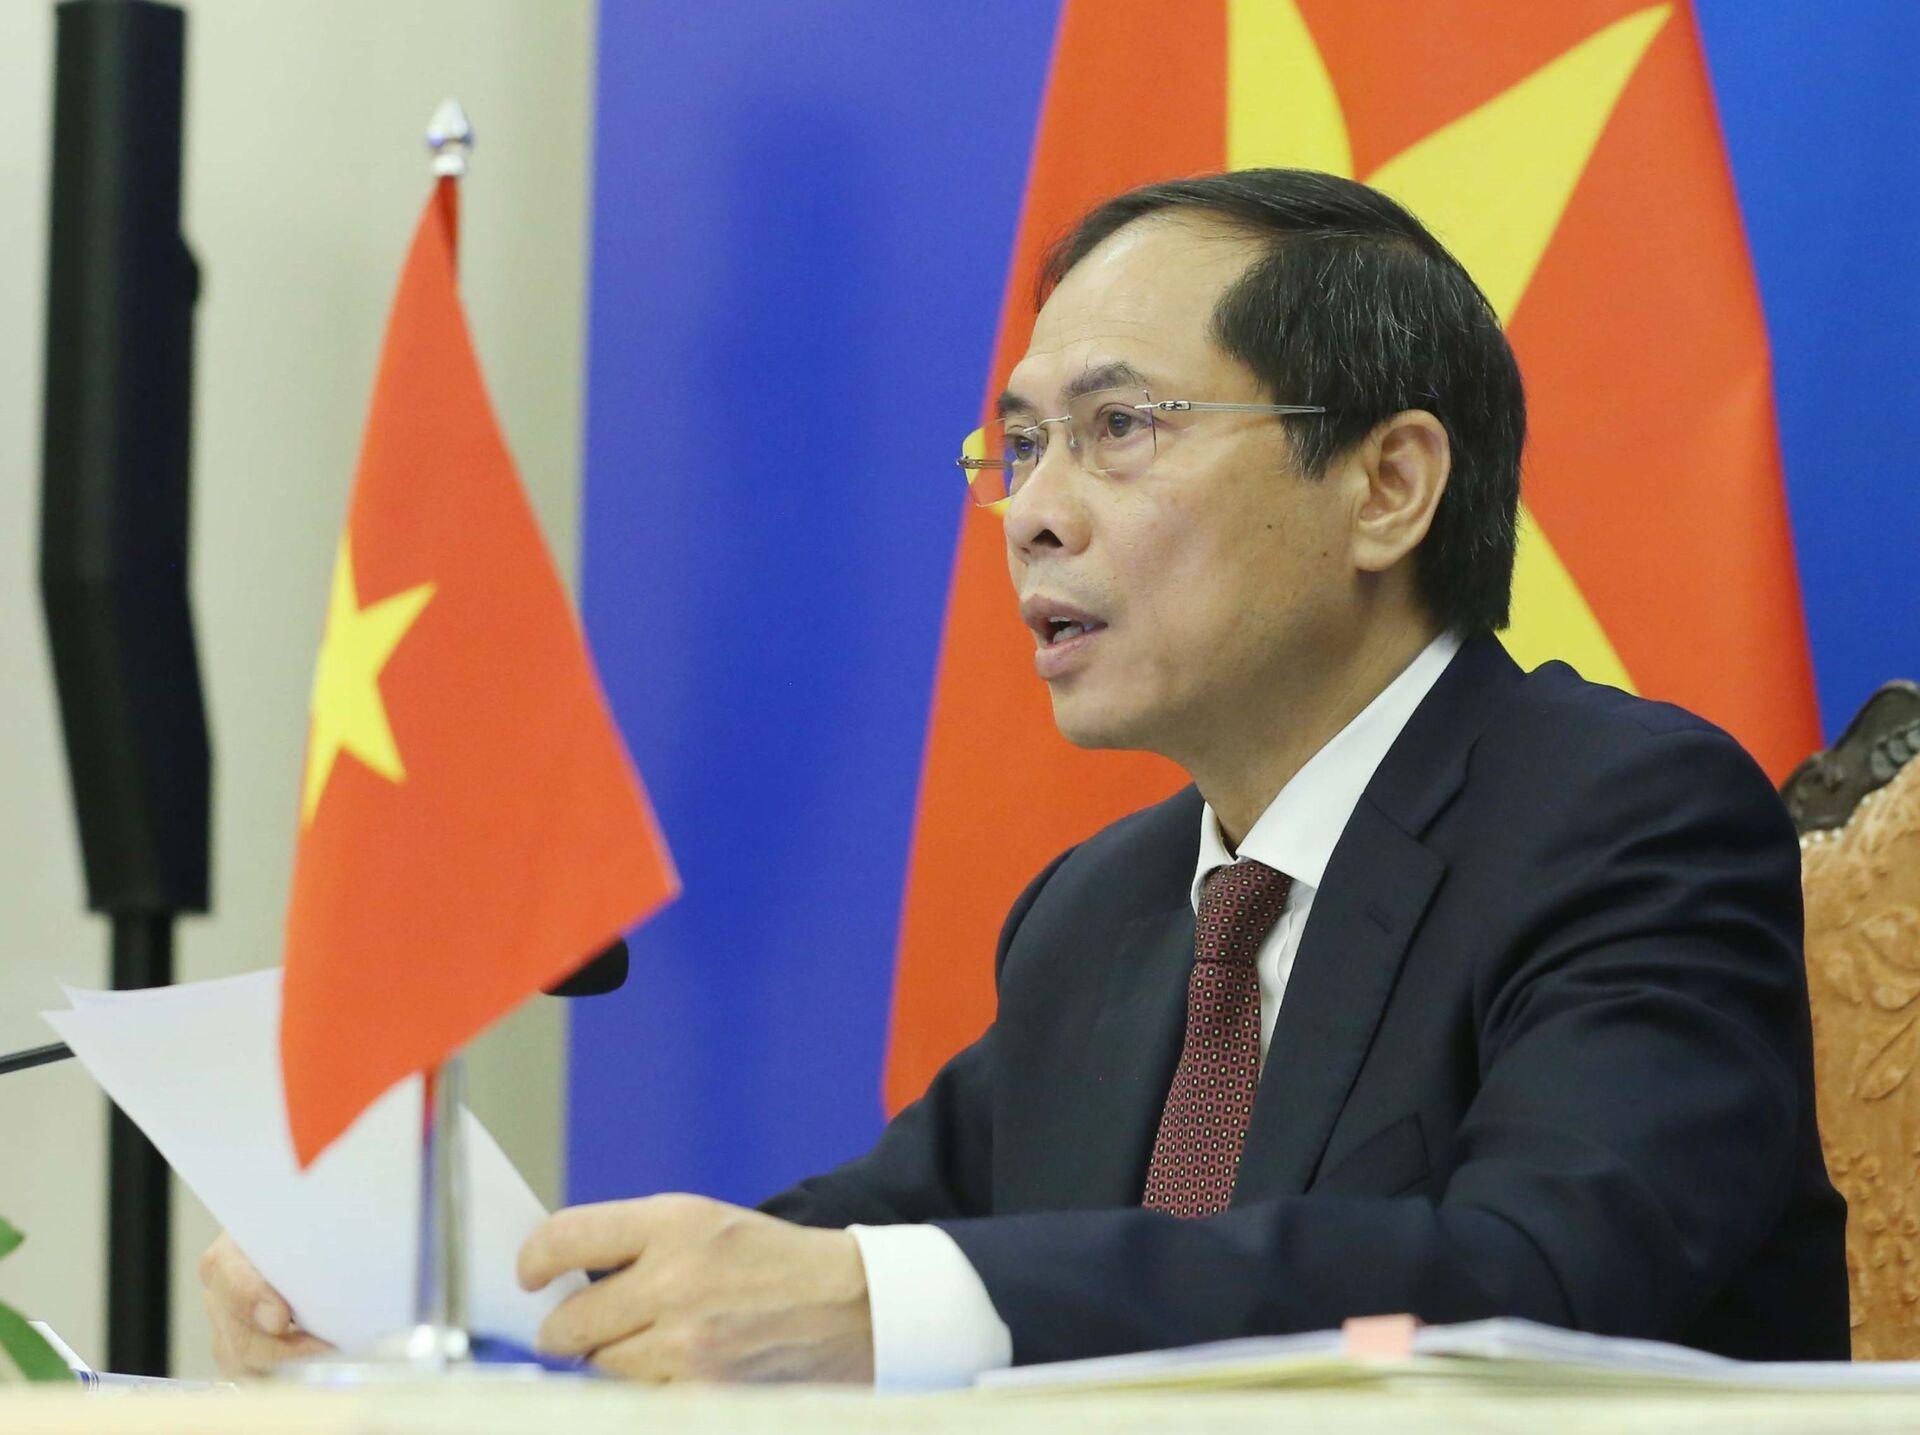 Bộ trưởng Bộ Ngoại giao Bùi Thanh Sơn phát biểu tại điểm cầu trực tuyến Hà Nội. - Sputnik Việt Nam, 1920, 05.10.2021